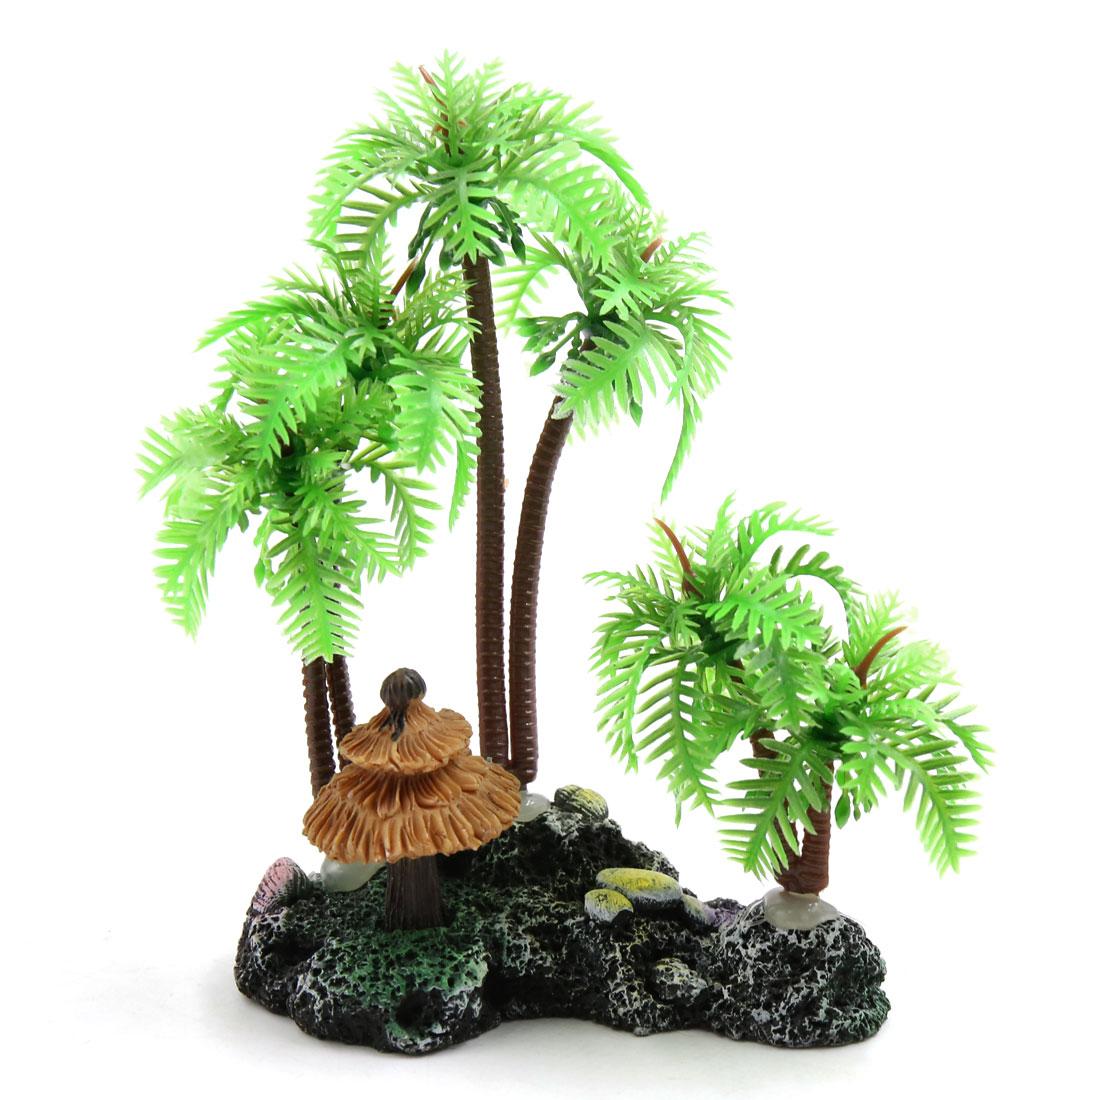 Mini Coconut Tree Aquarium Terrarium Reptile Tank Plant Decoration